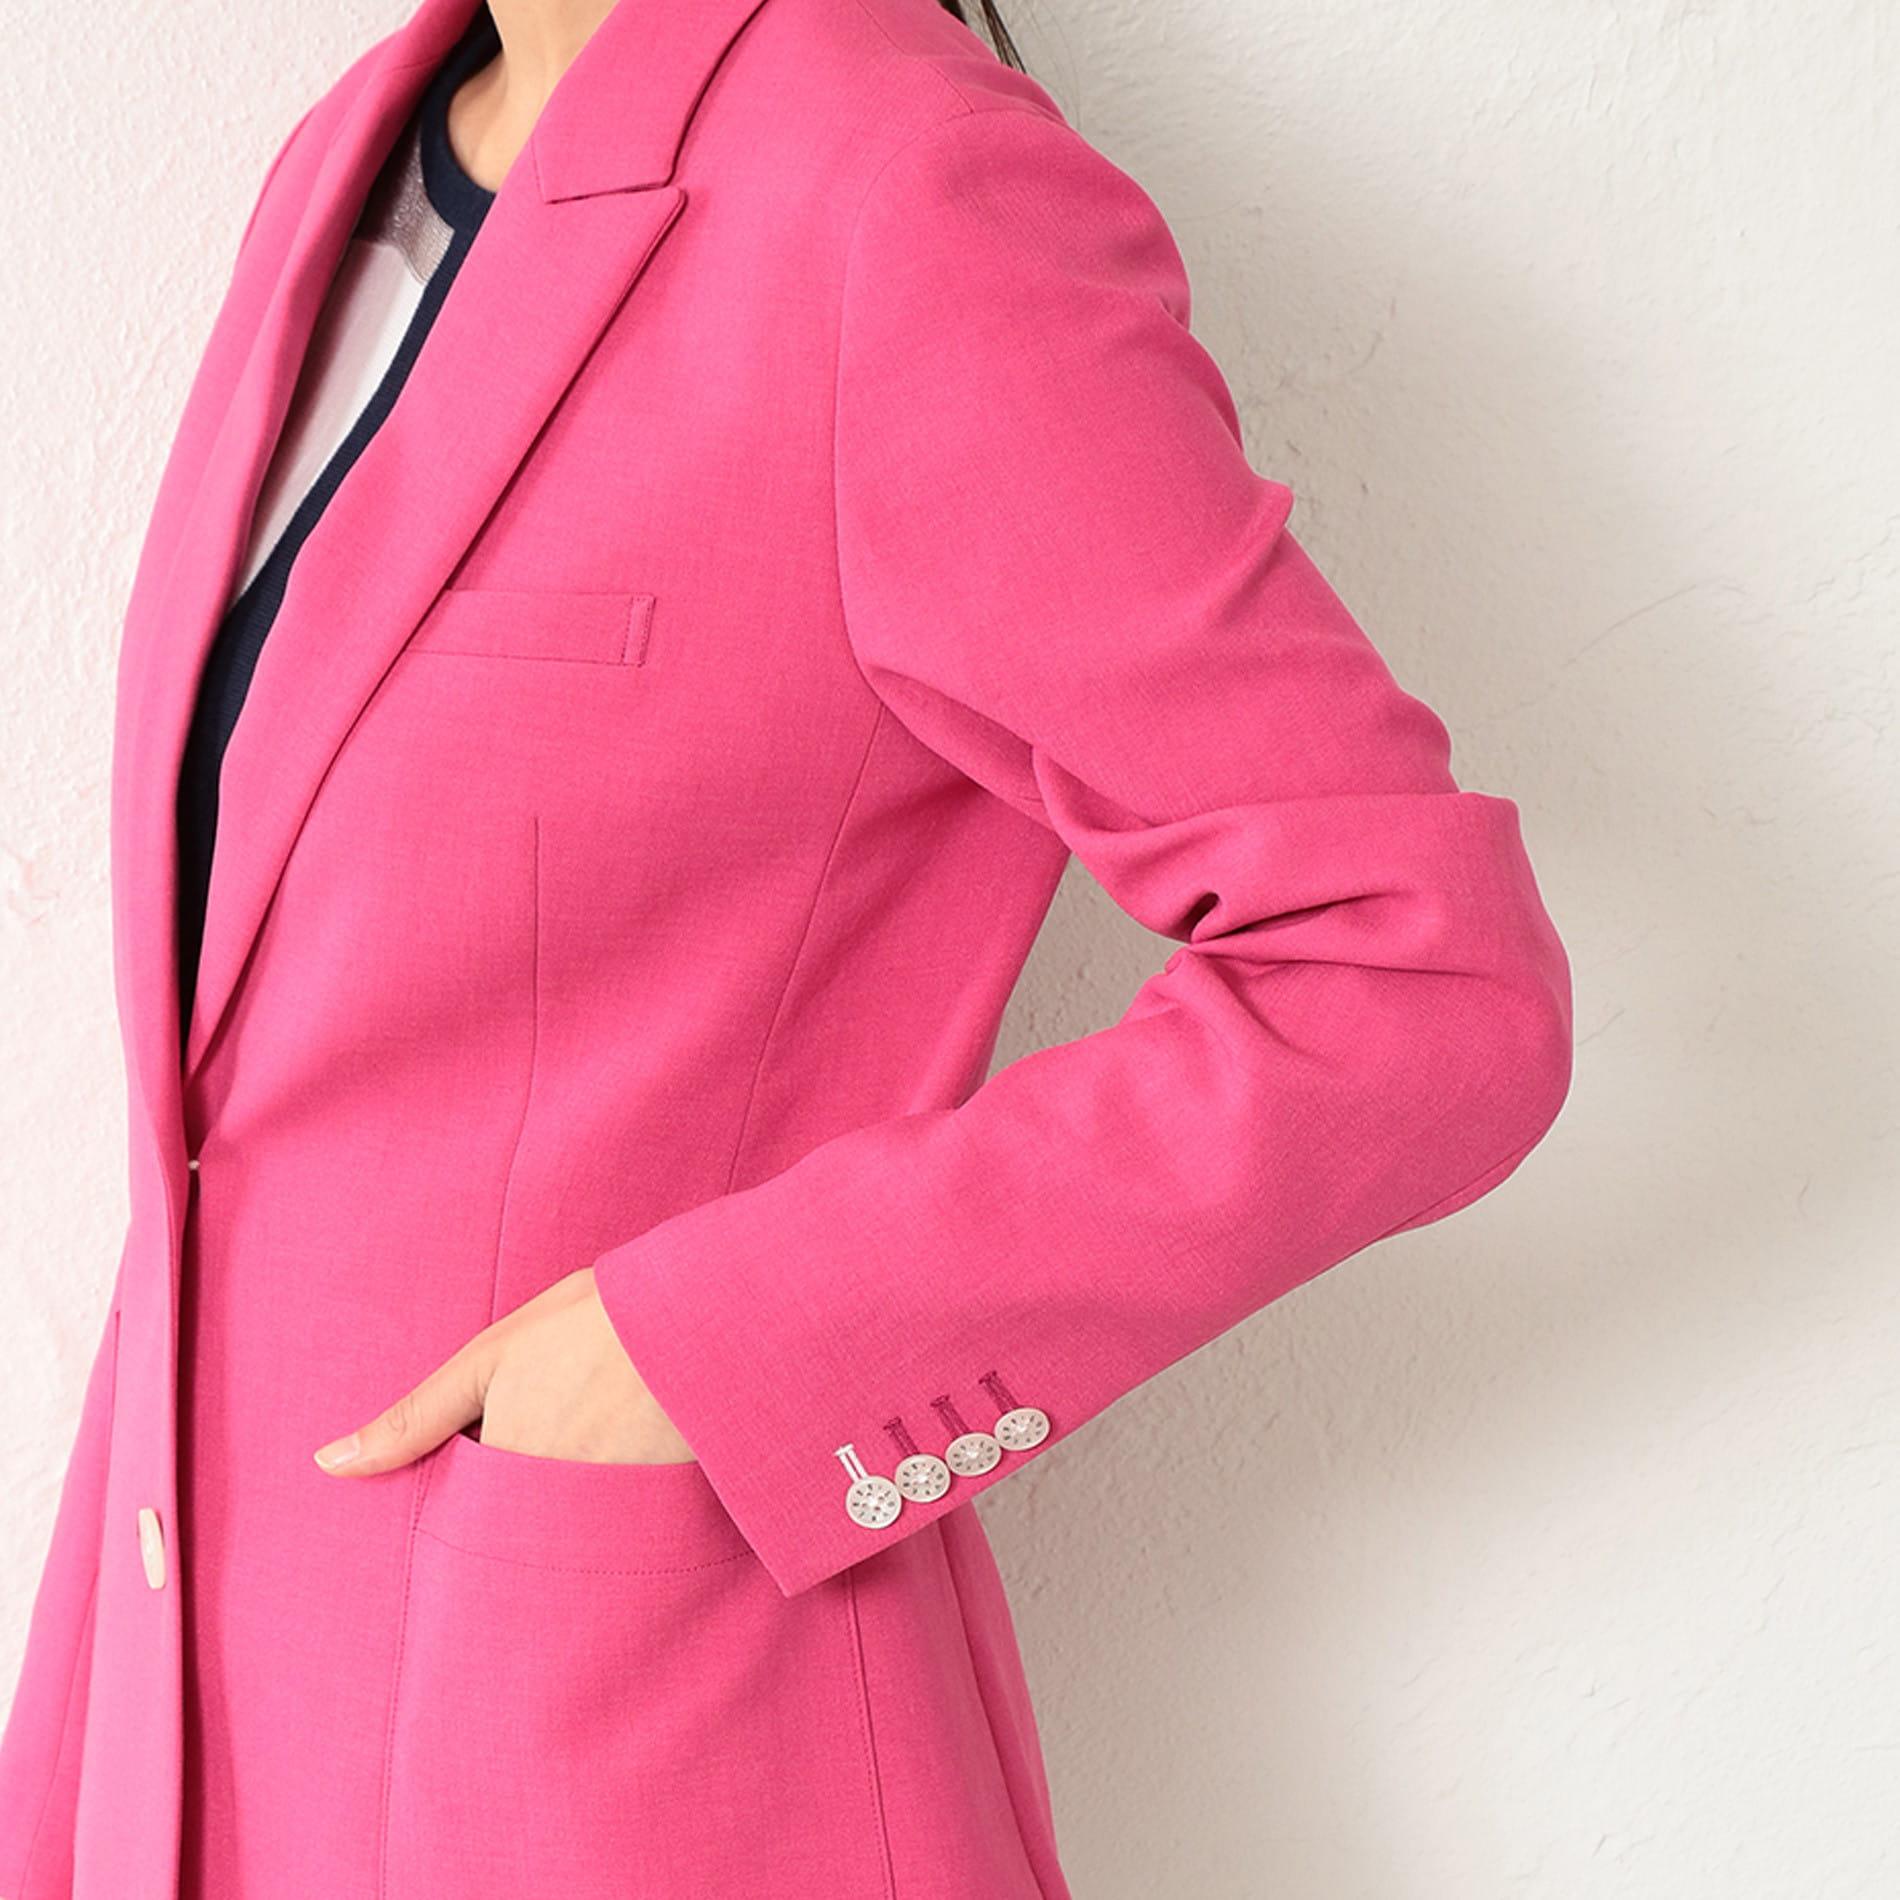 WOMEN リネンライクマゼンダロングジャケット